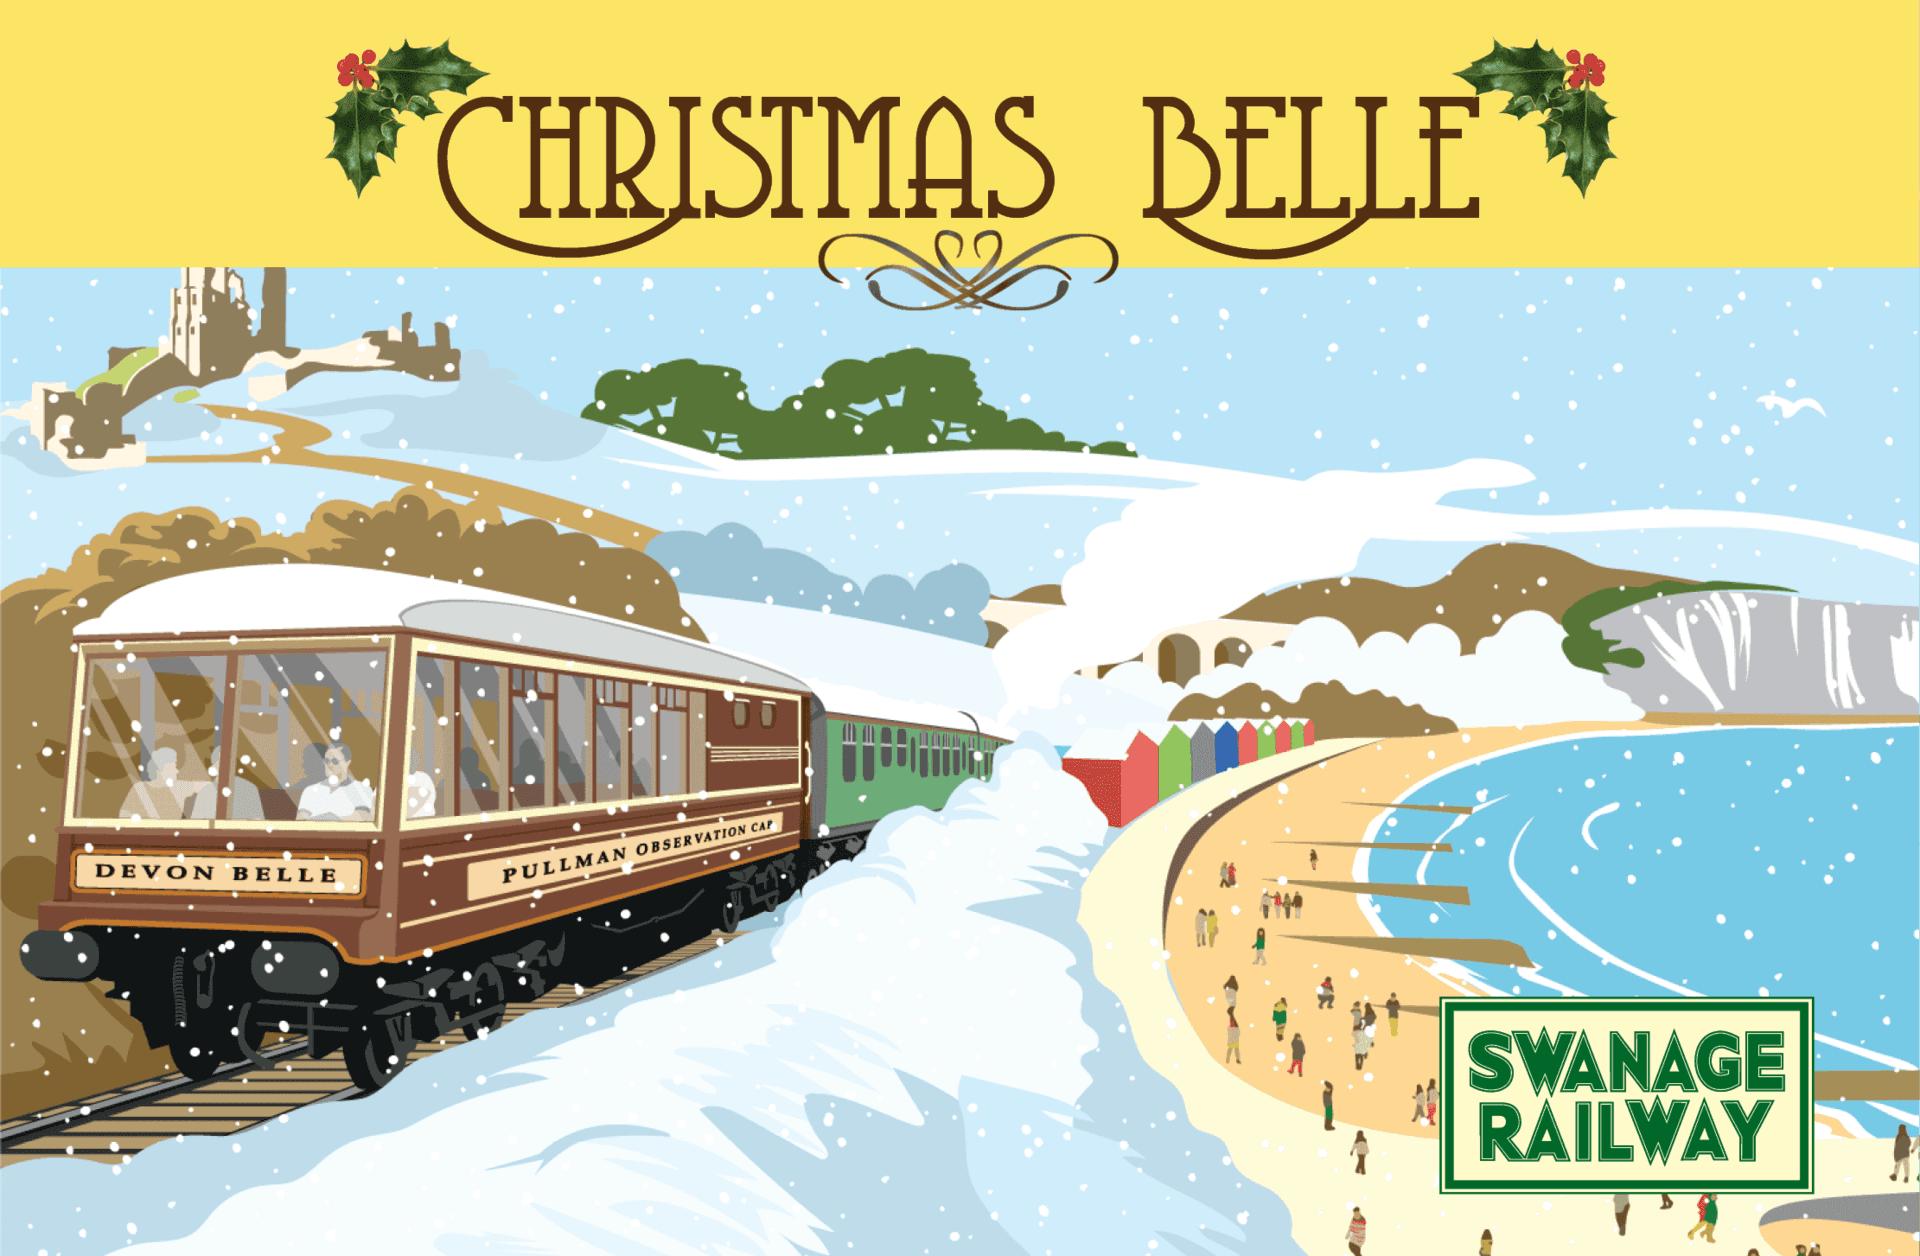 Swanage Railway Christmas Belle